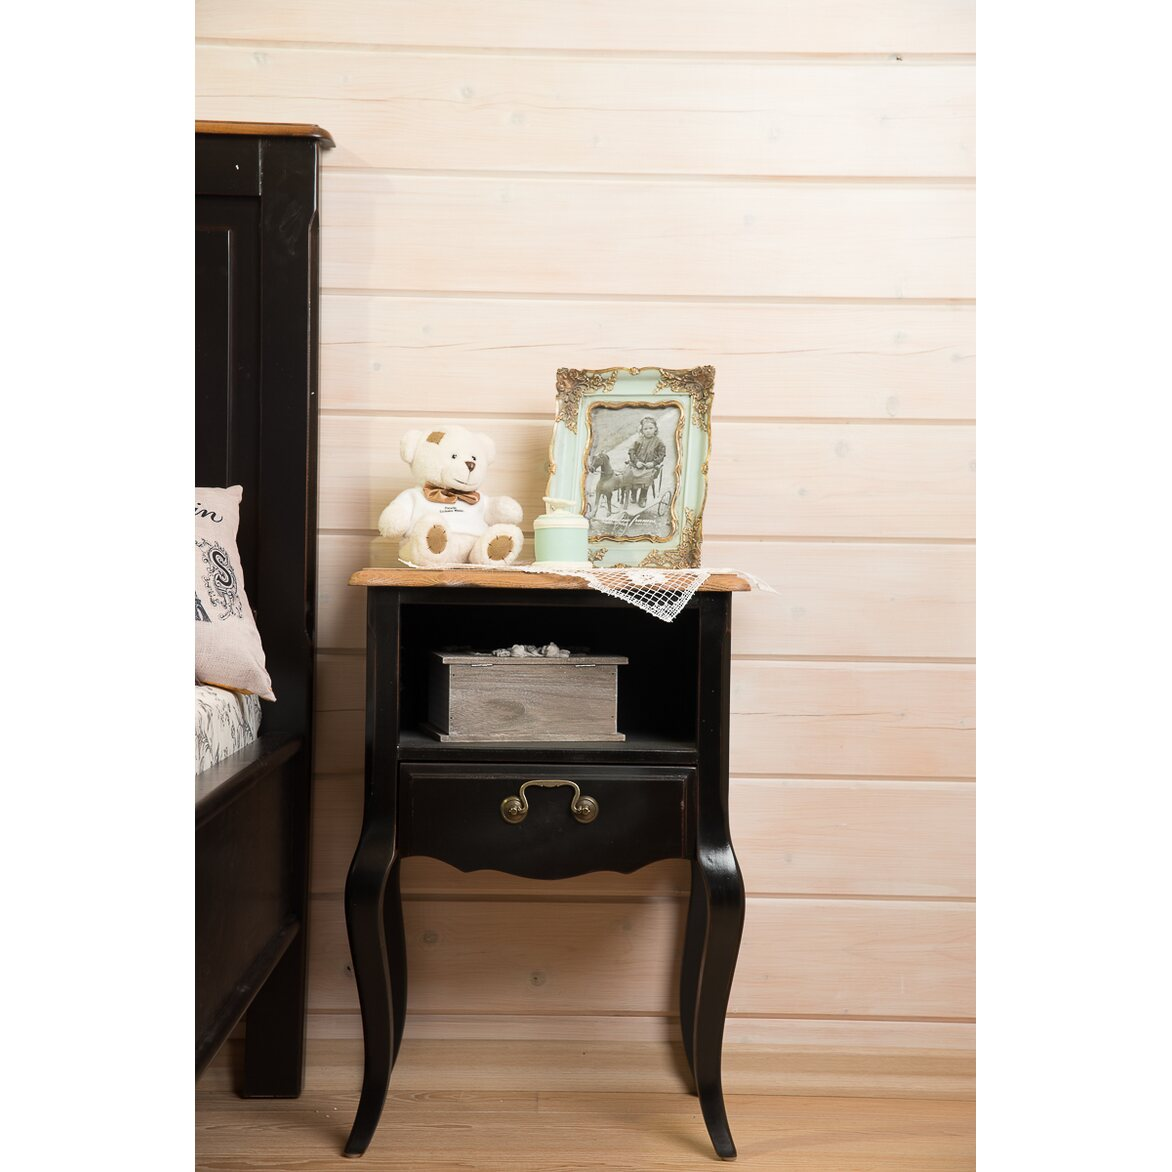 Прикроватная тумба с ящиком и полкой Leontina, черного цвета 3 | Прикроватные тумбы Kingsby